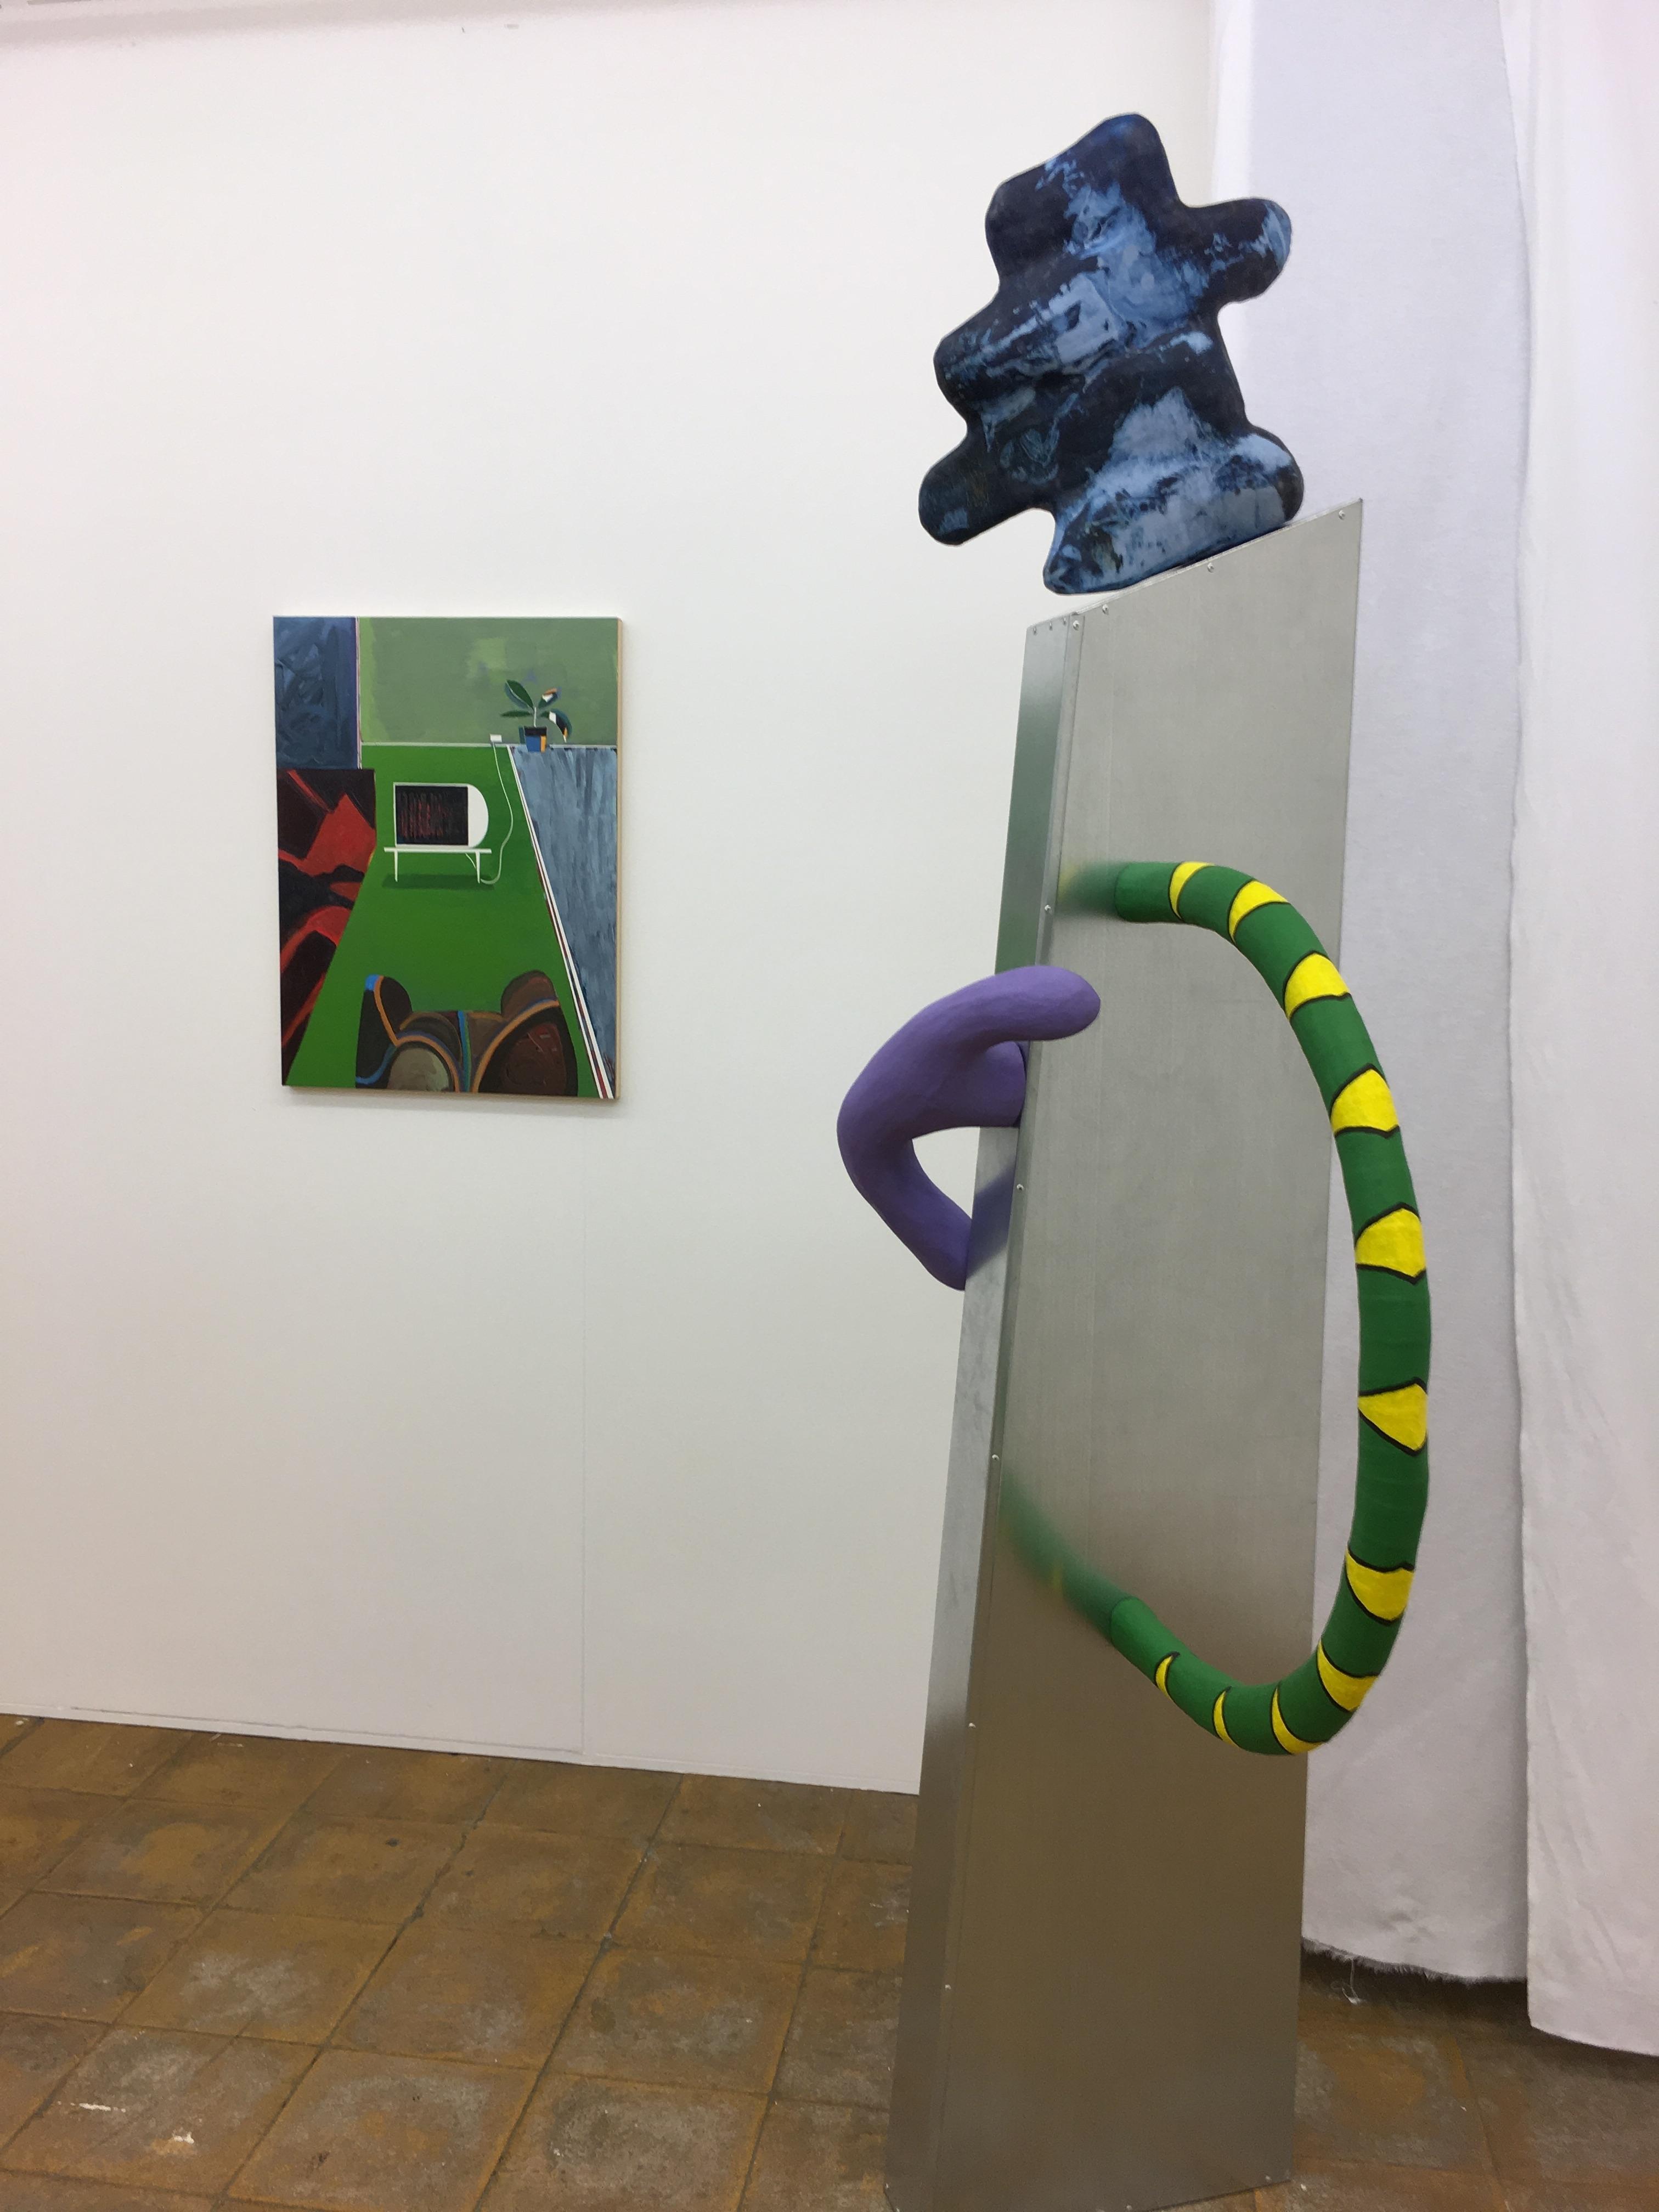 Karen Tang, Art Rotterdam, 2018, installation view